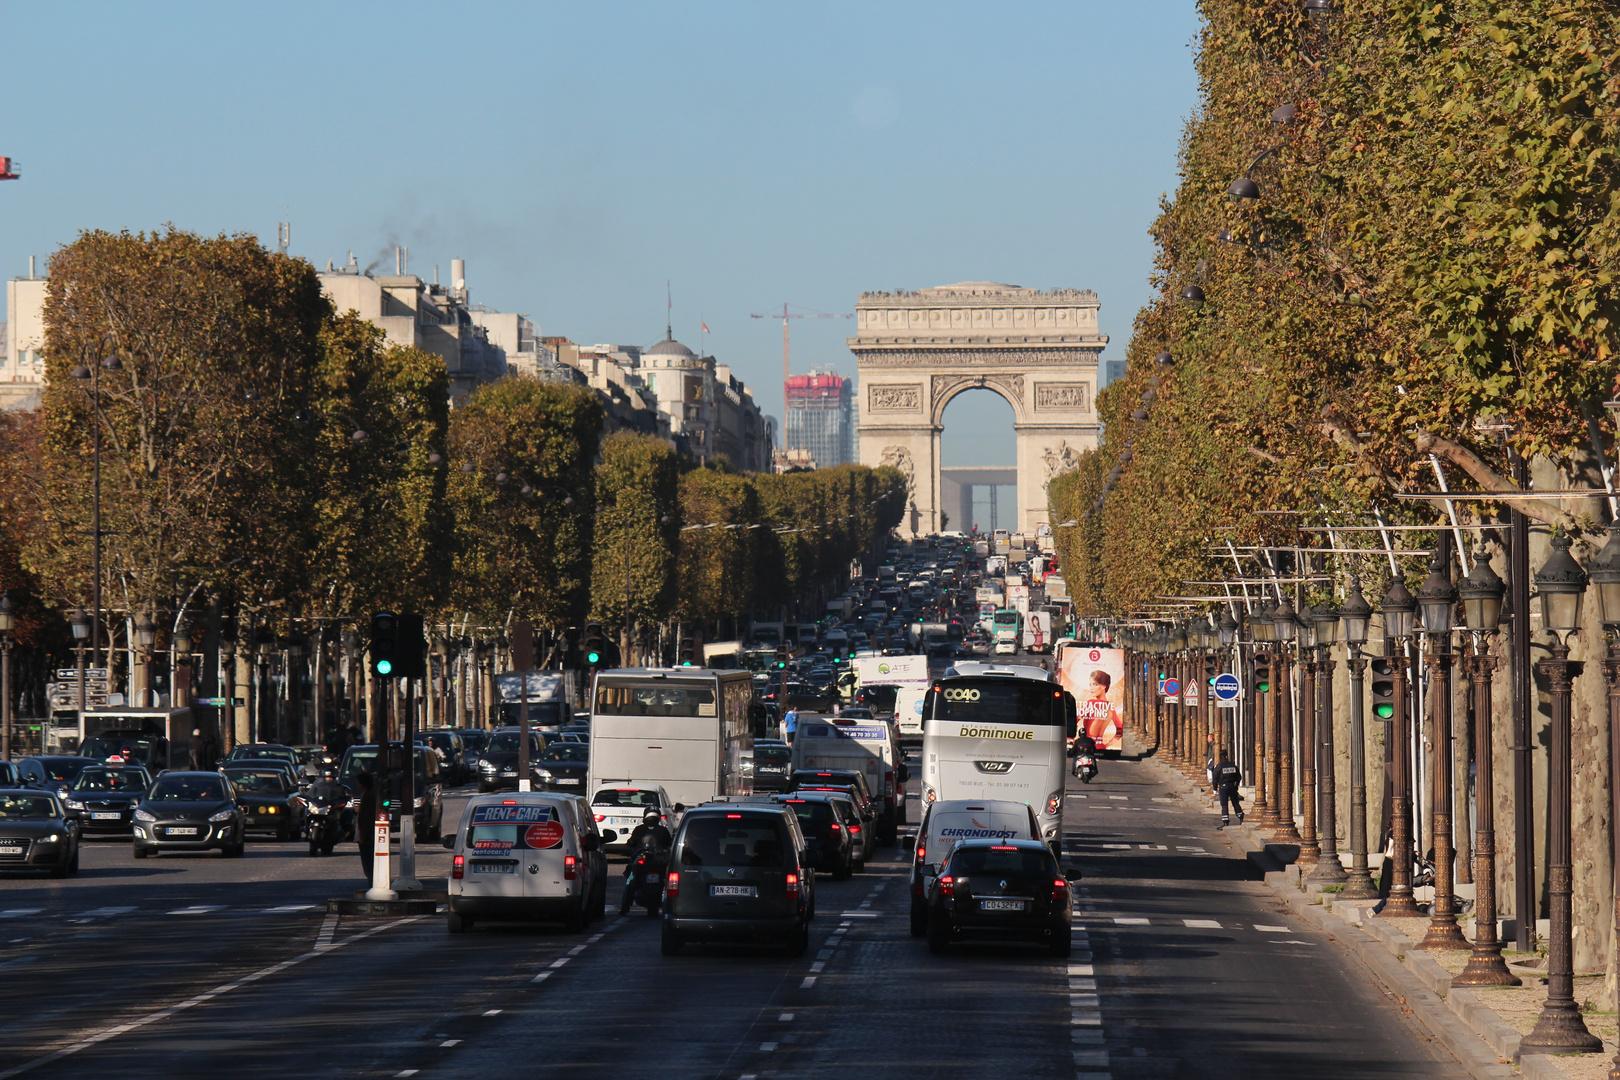 Champs-Elisee